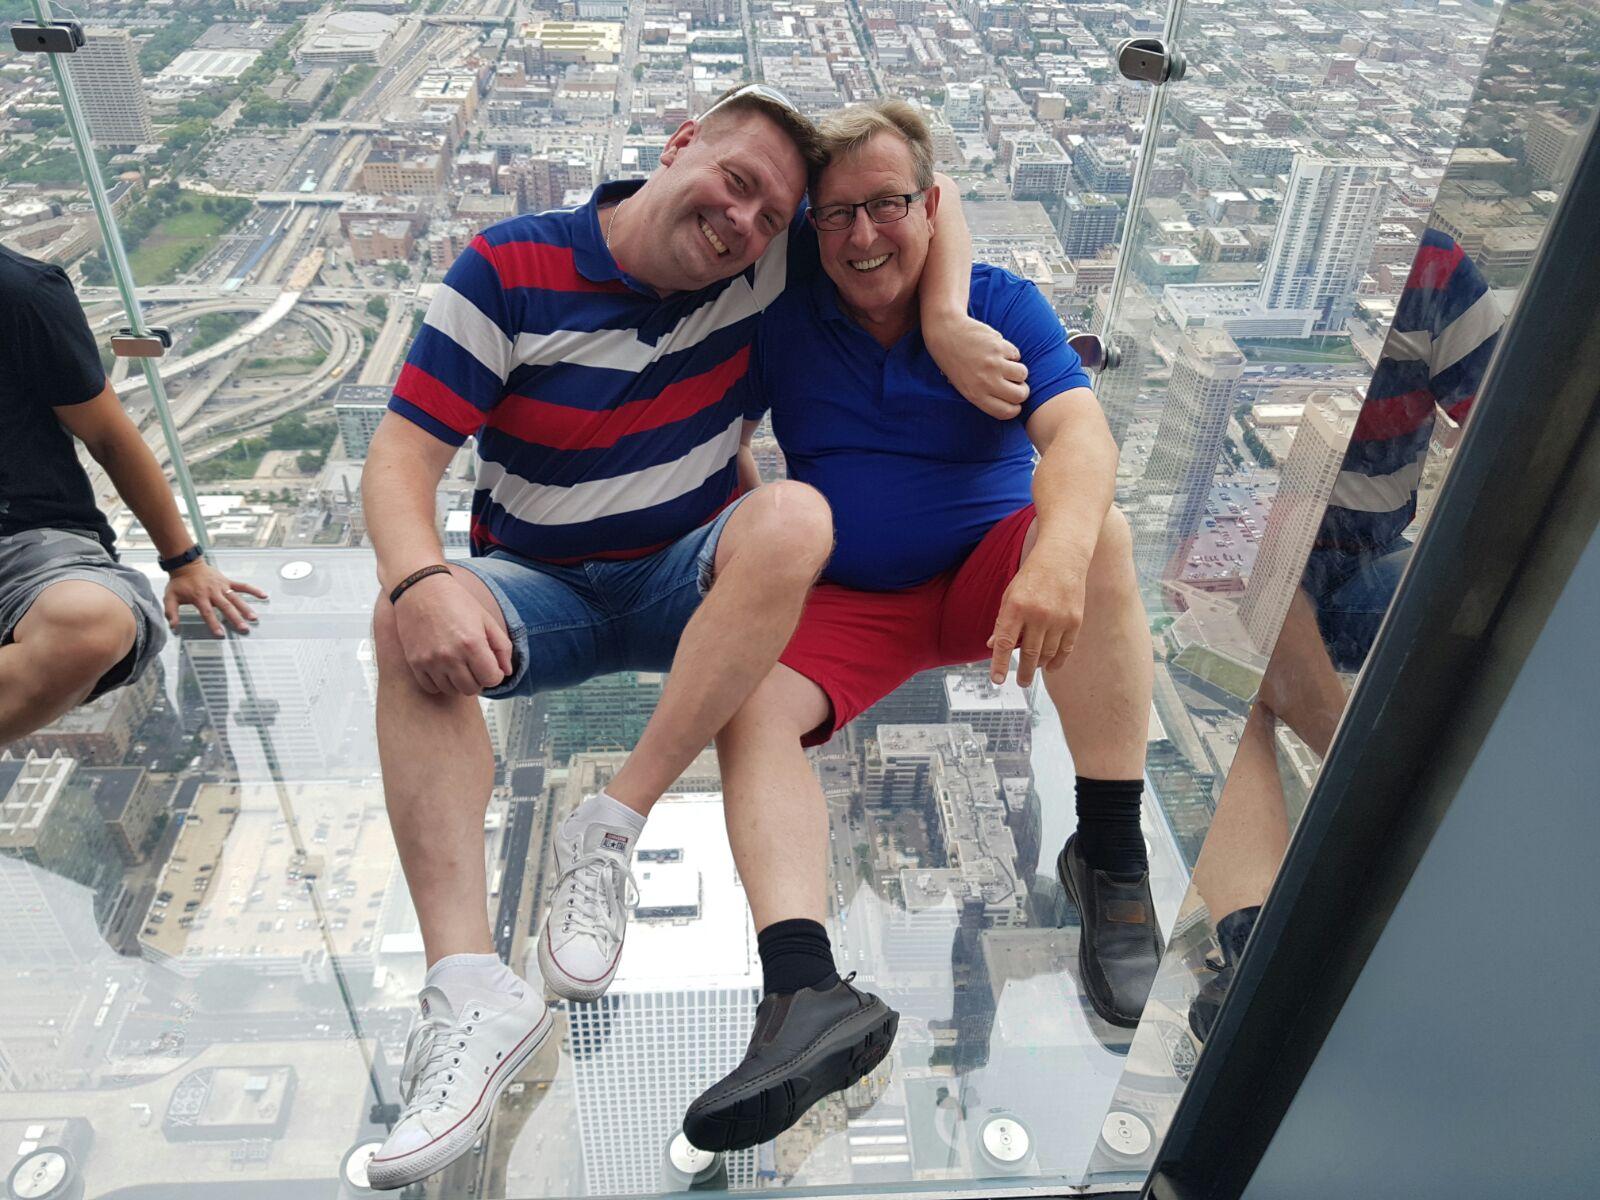 Willis Tower valloitettu, Mika & Leo pelkäämässä lasiparvekkeella.